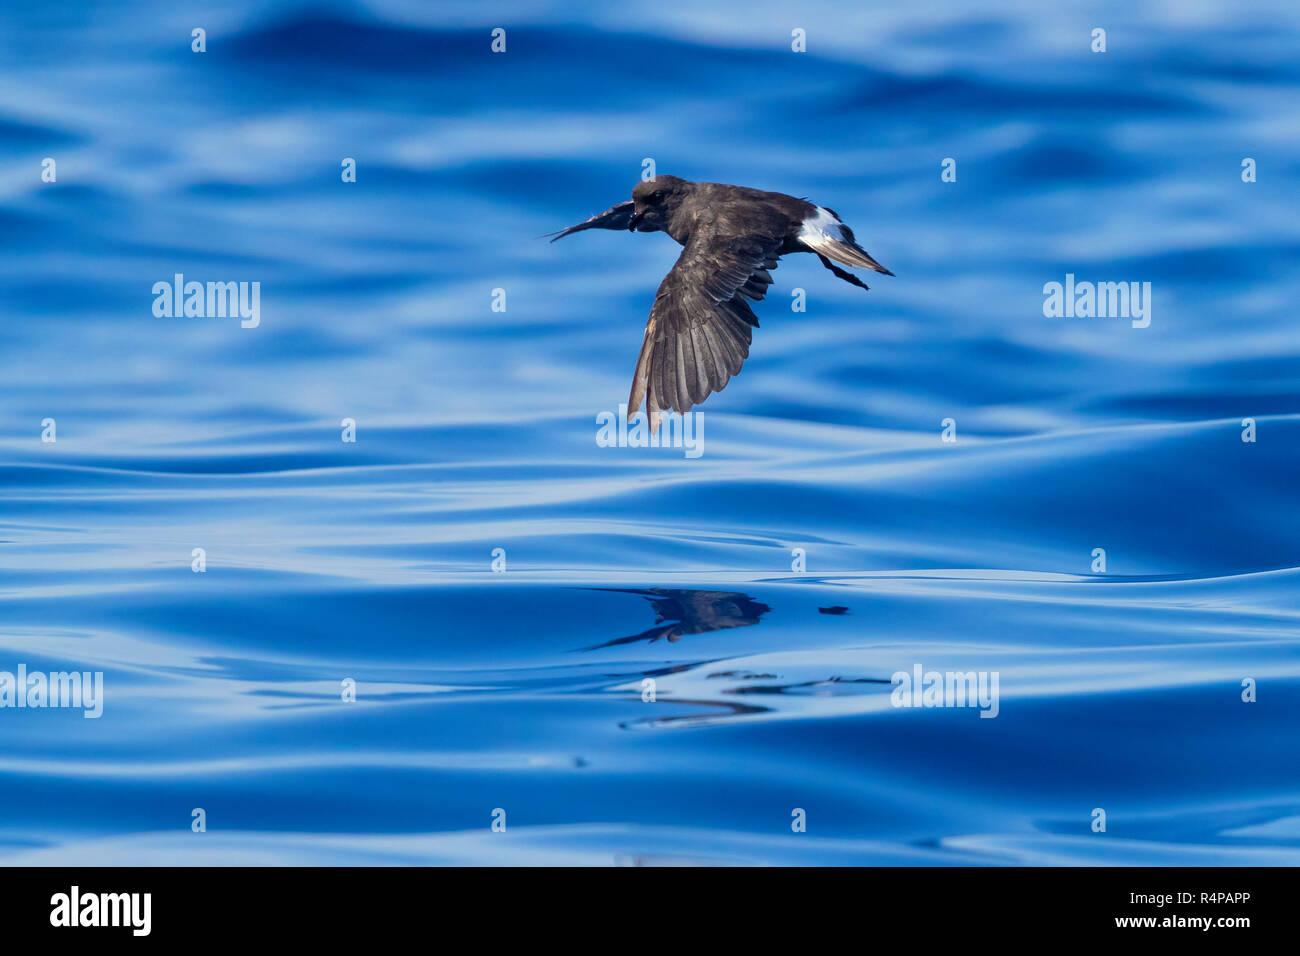 Europäische Storm Petrel (Hydrobates pelagicus melitensis), einzelne im Flug über das Meer Stockbild